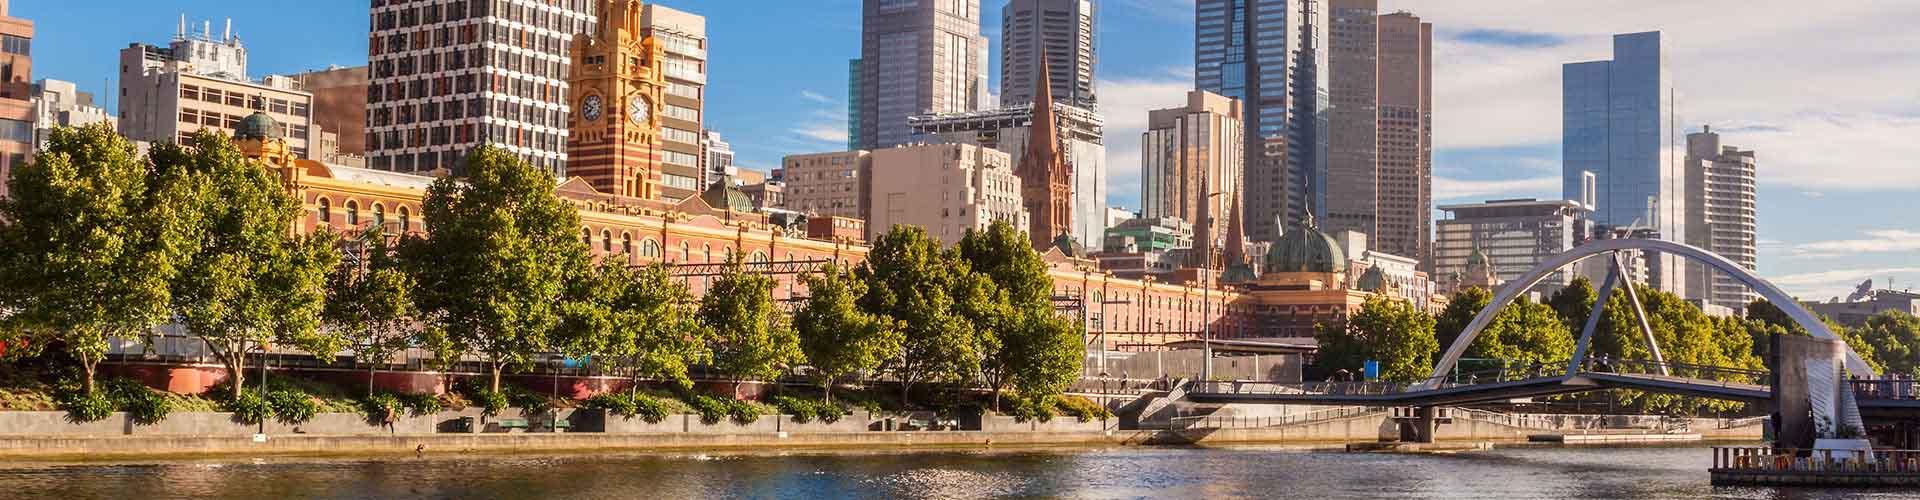 Melbourne - Hotele w dzielnicy: Melbourne, Mapy dzielnicy:  Melbourne, Zdjęcia i Recenzje dla każdego Hotelu w dzielnicy: Melbourne.